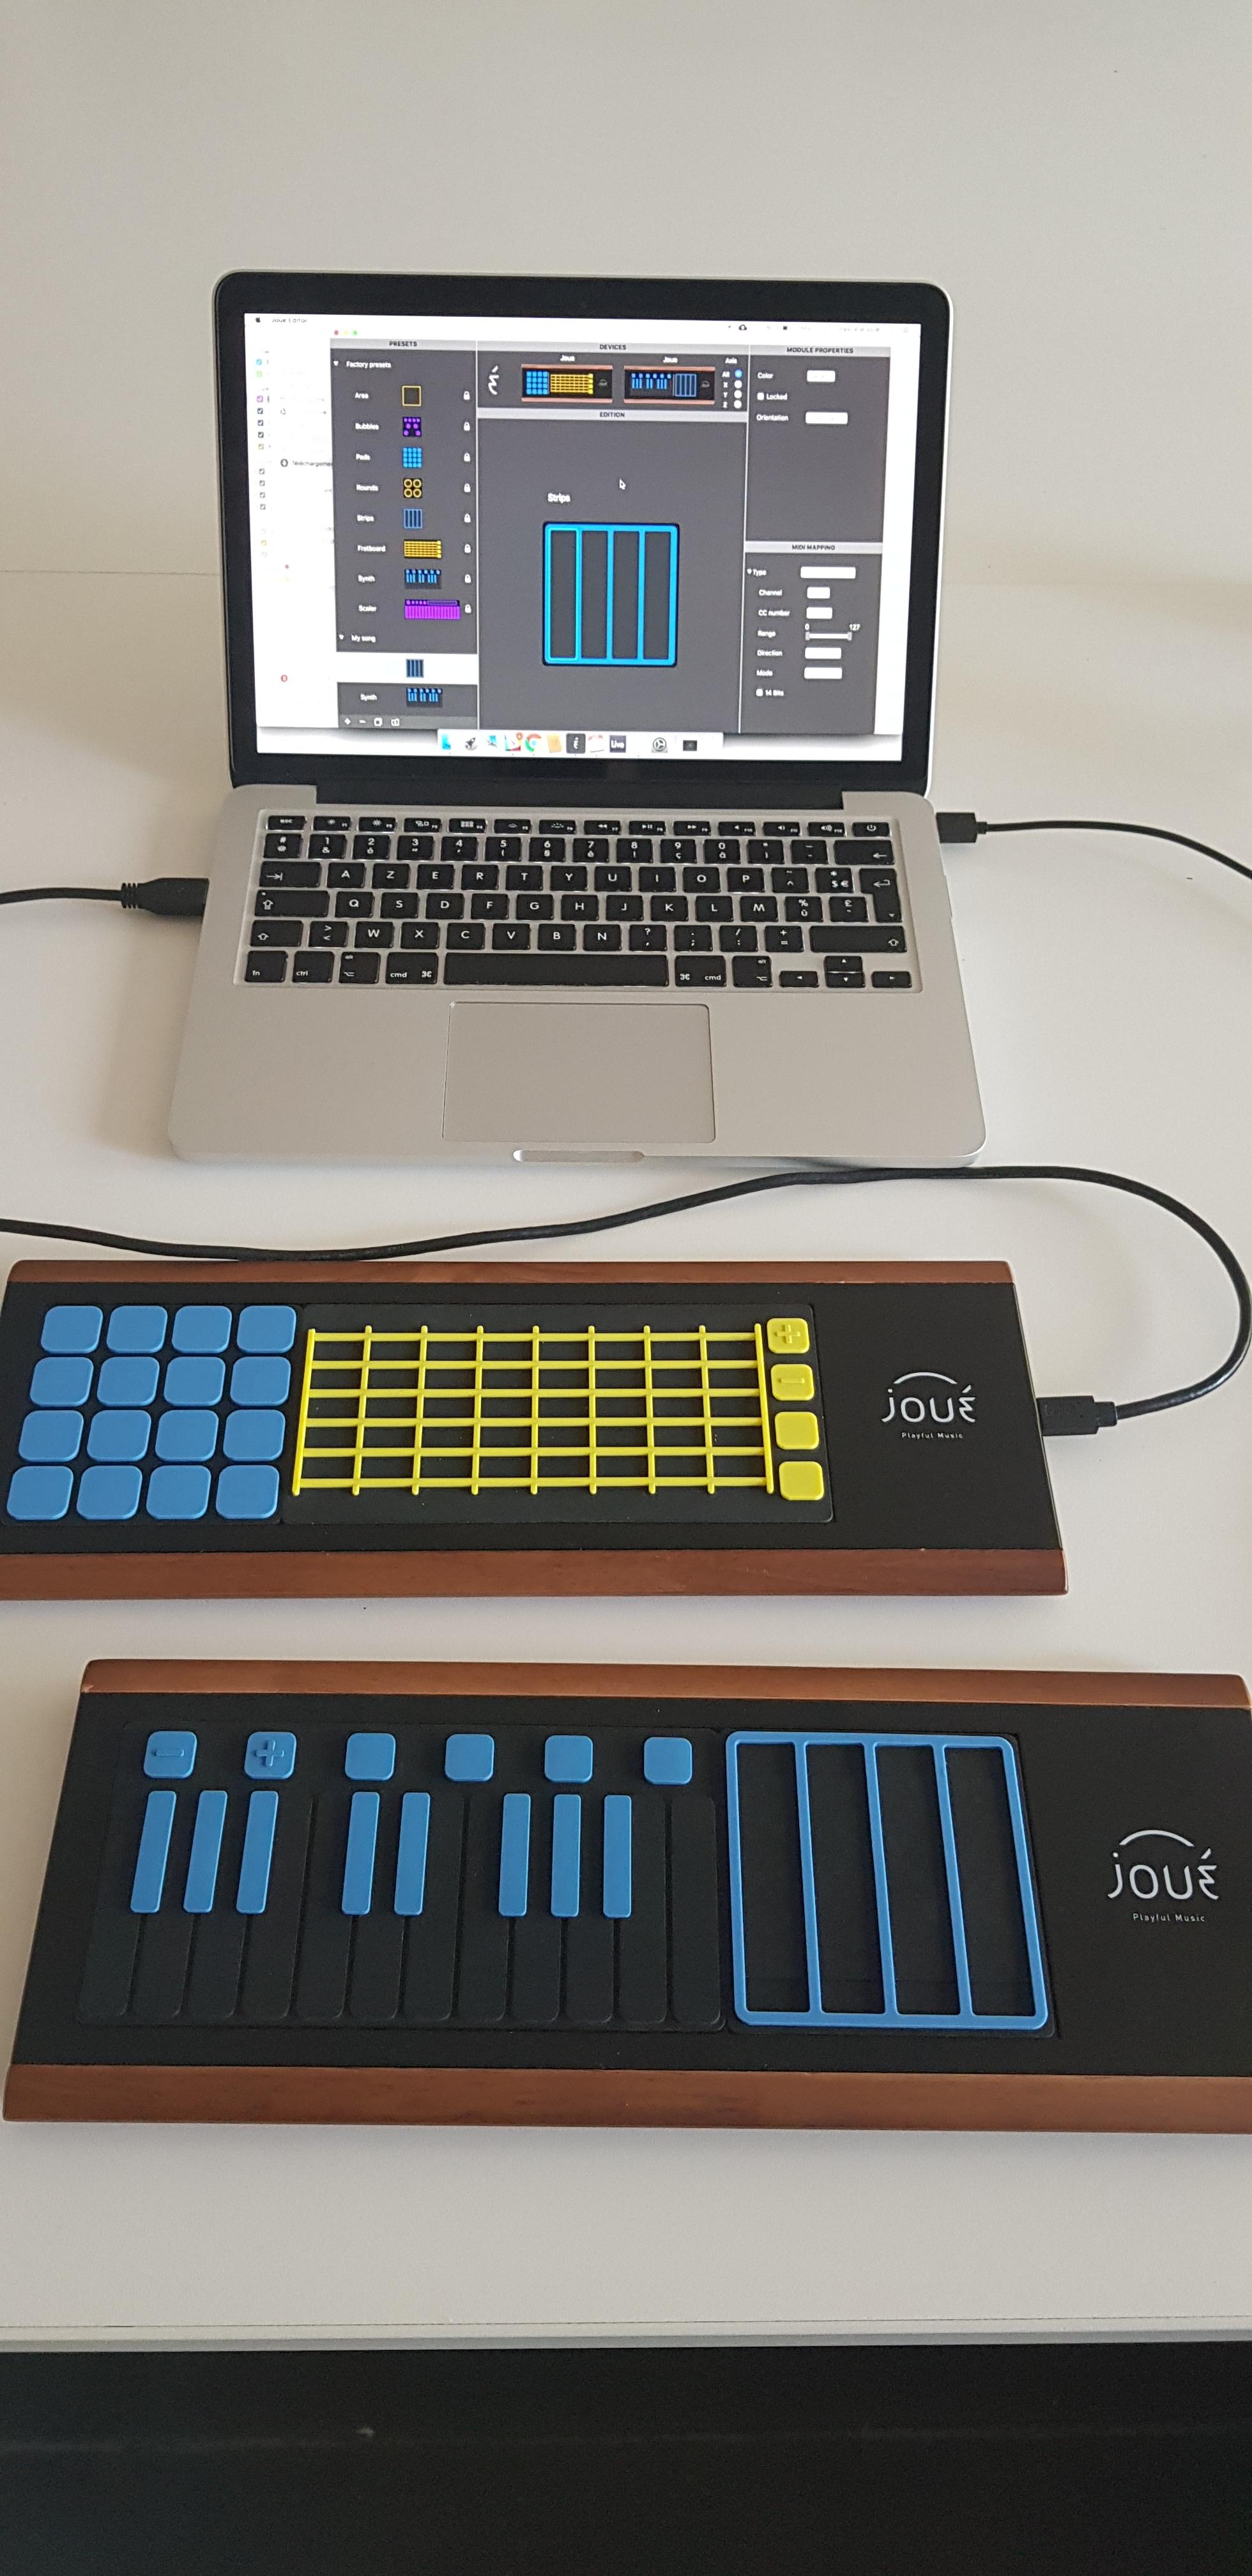 2 Joué on a computer